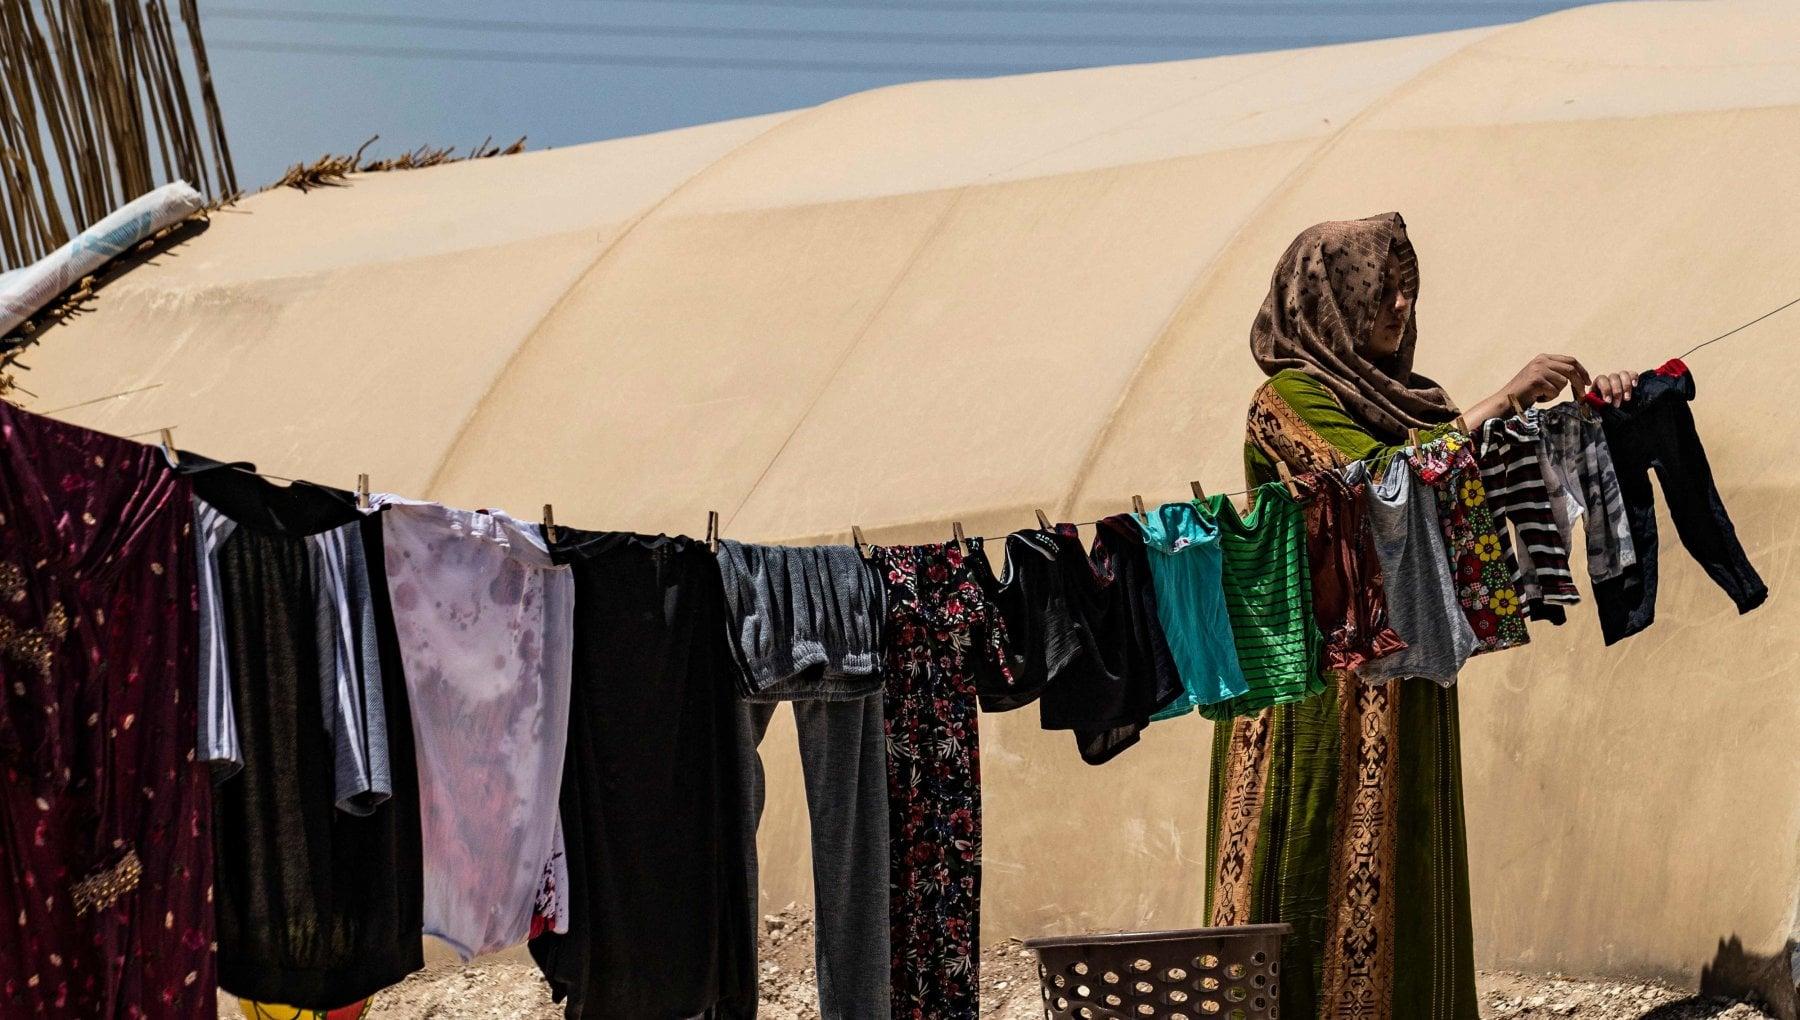 225919667 4ea0e560 c76e 432a a8da 8a35b8b97067 - Sconto di pena per i profughi siriani se tornano in patria: la proposta che divide la Germania